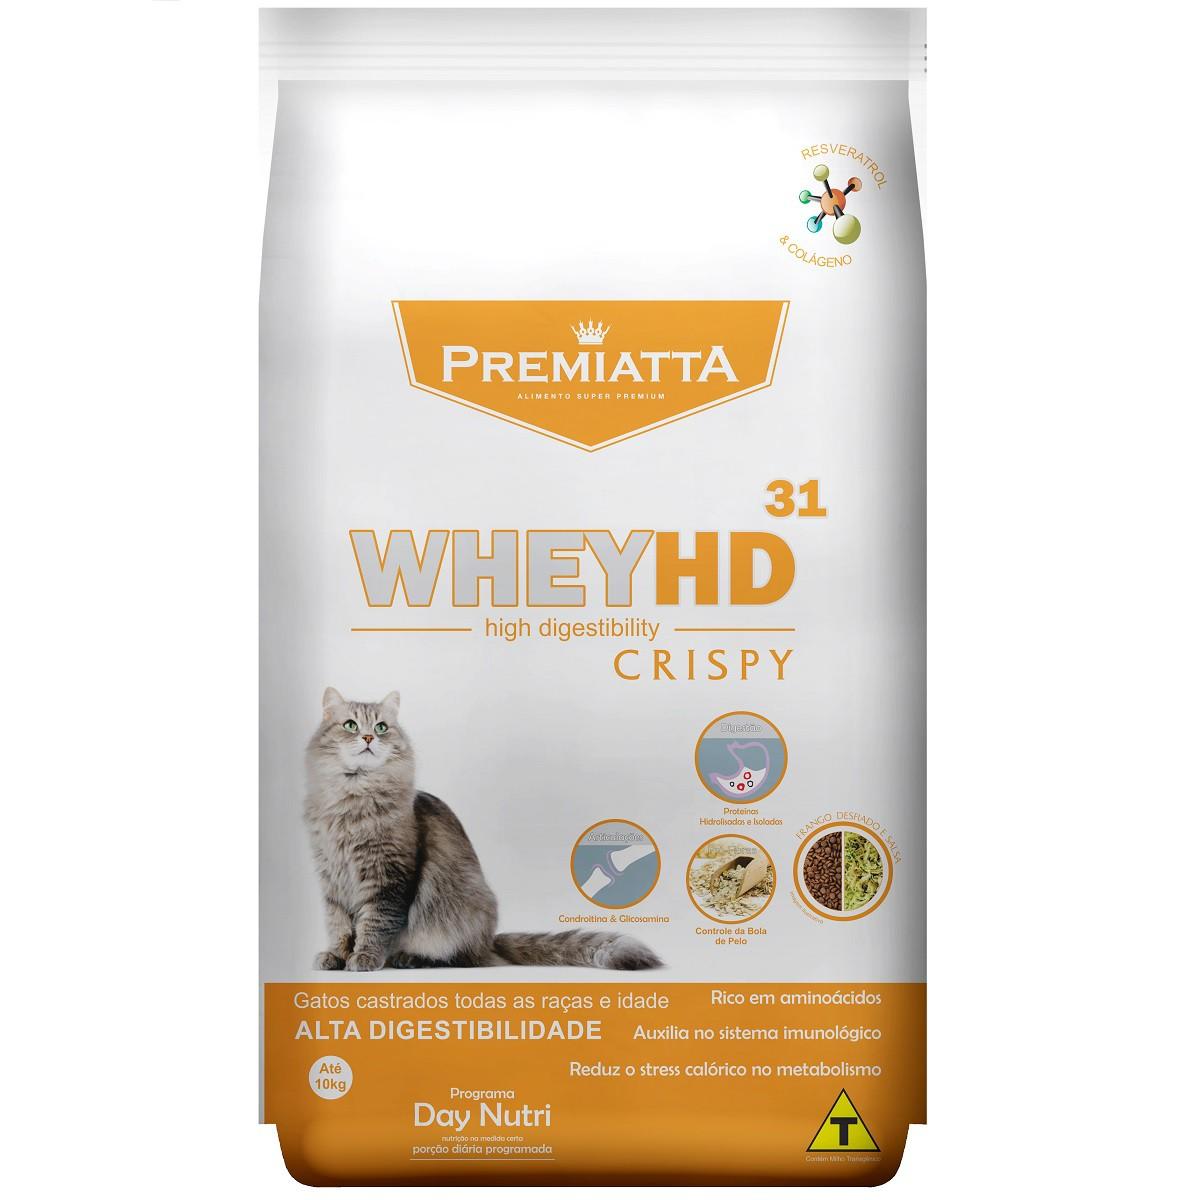 Ração Premiatta Whey HD 31 Crispy para Gatos Castrados de todas as raças e idades (3 kg=60x50g)